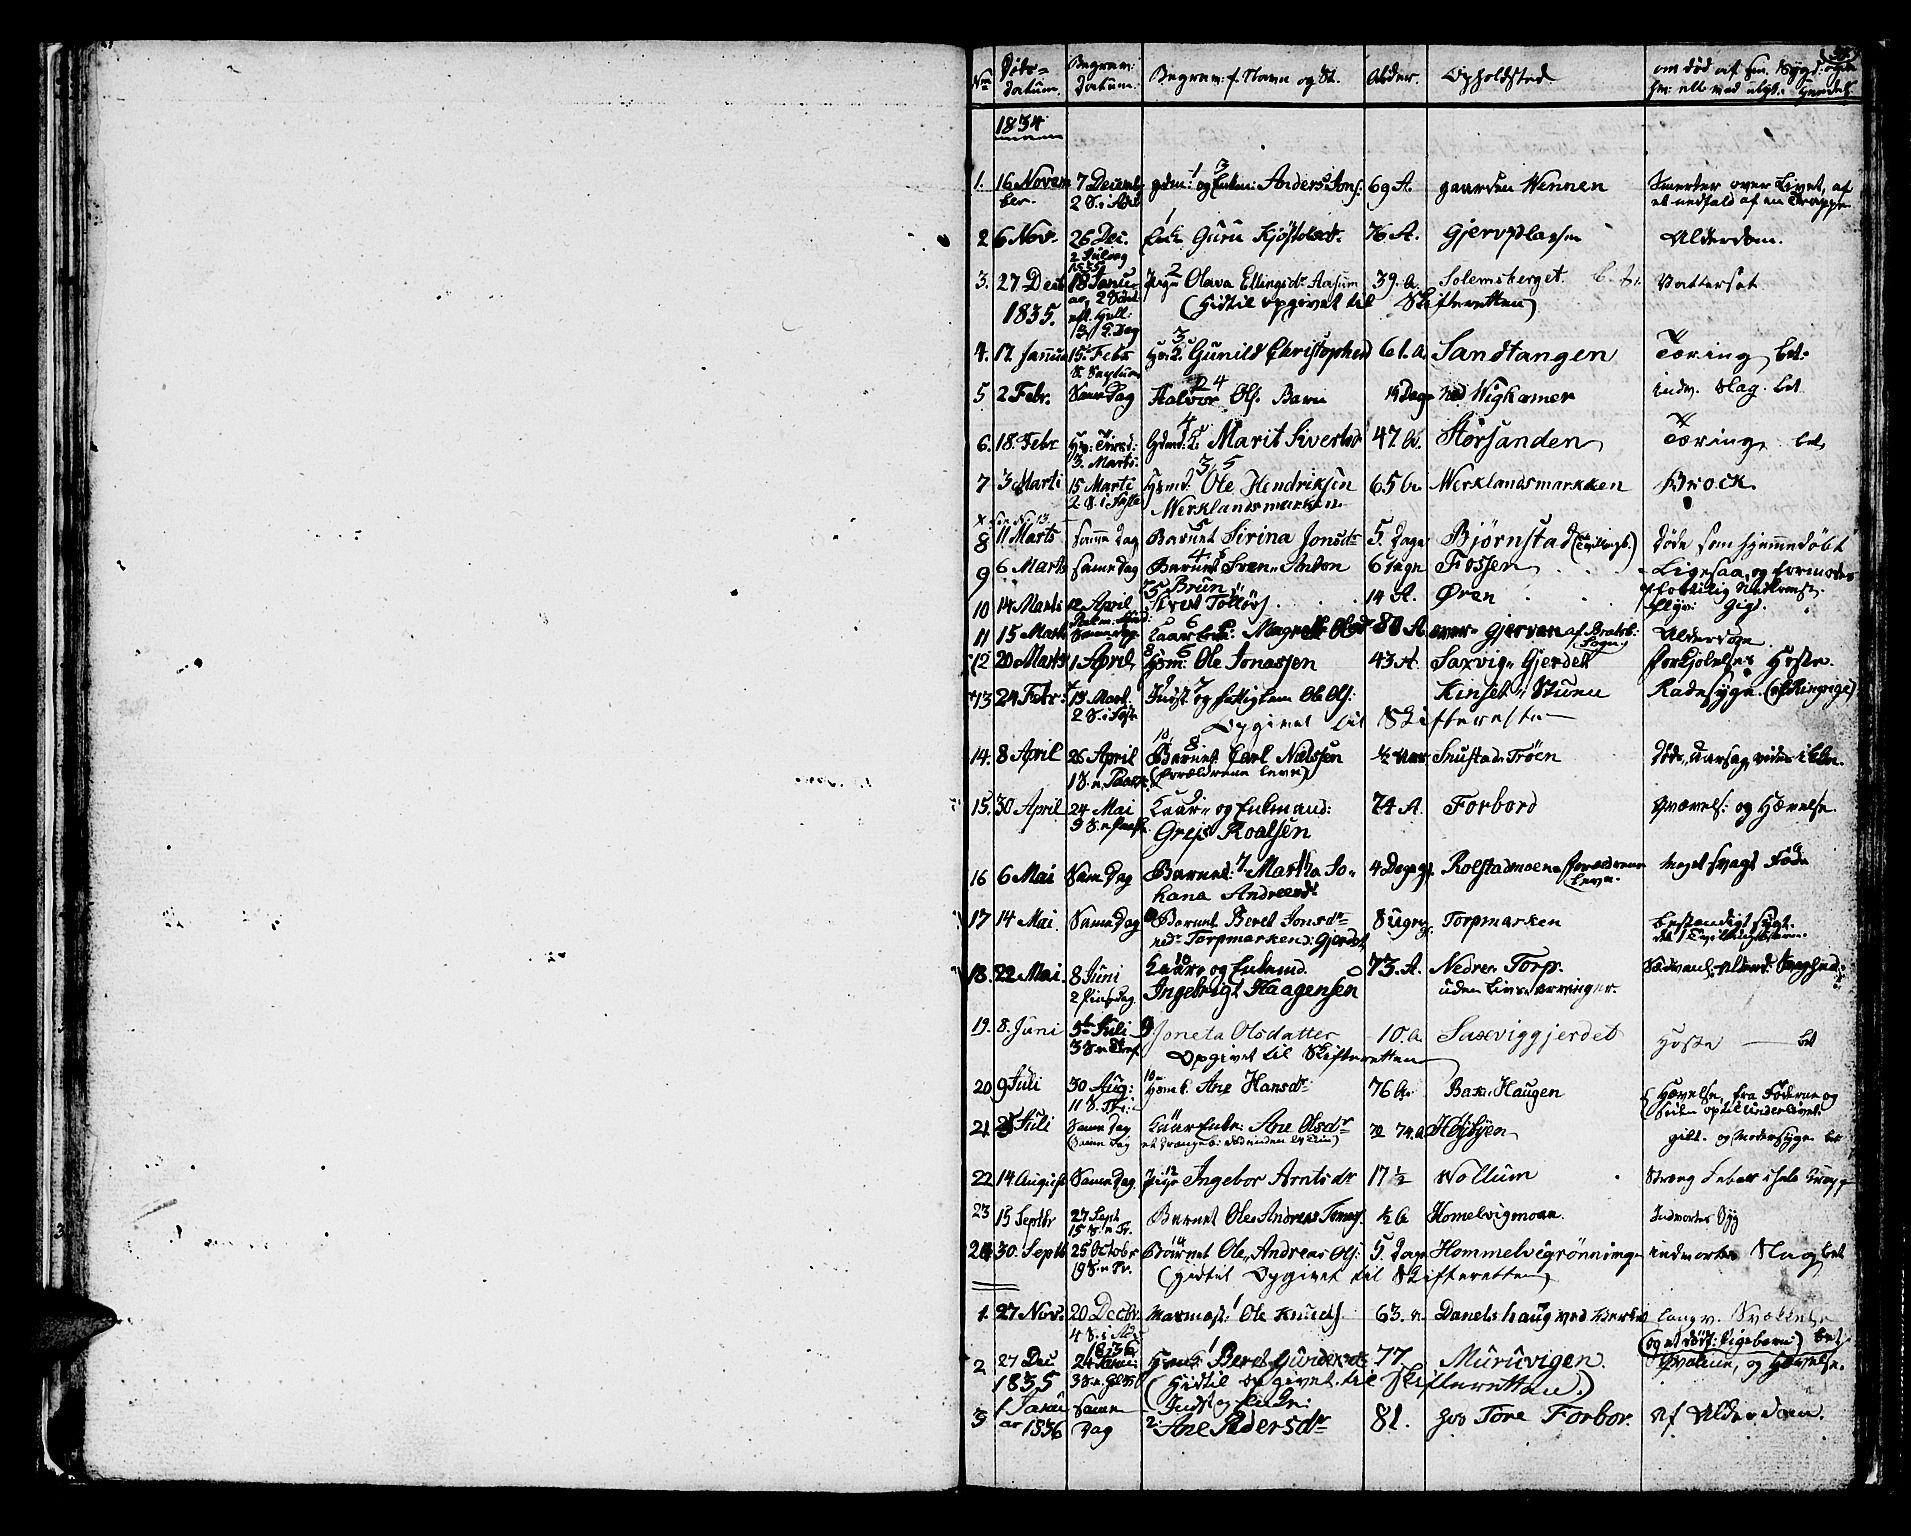 SAT, Ministerialprotokoller, klokkerbøker og fødselsregistre - Sør-Trøndelag, 616/L0421: Klokkerbok nr. 616C04, 1834-1850, s. 35